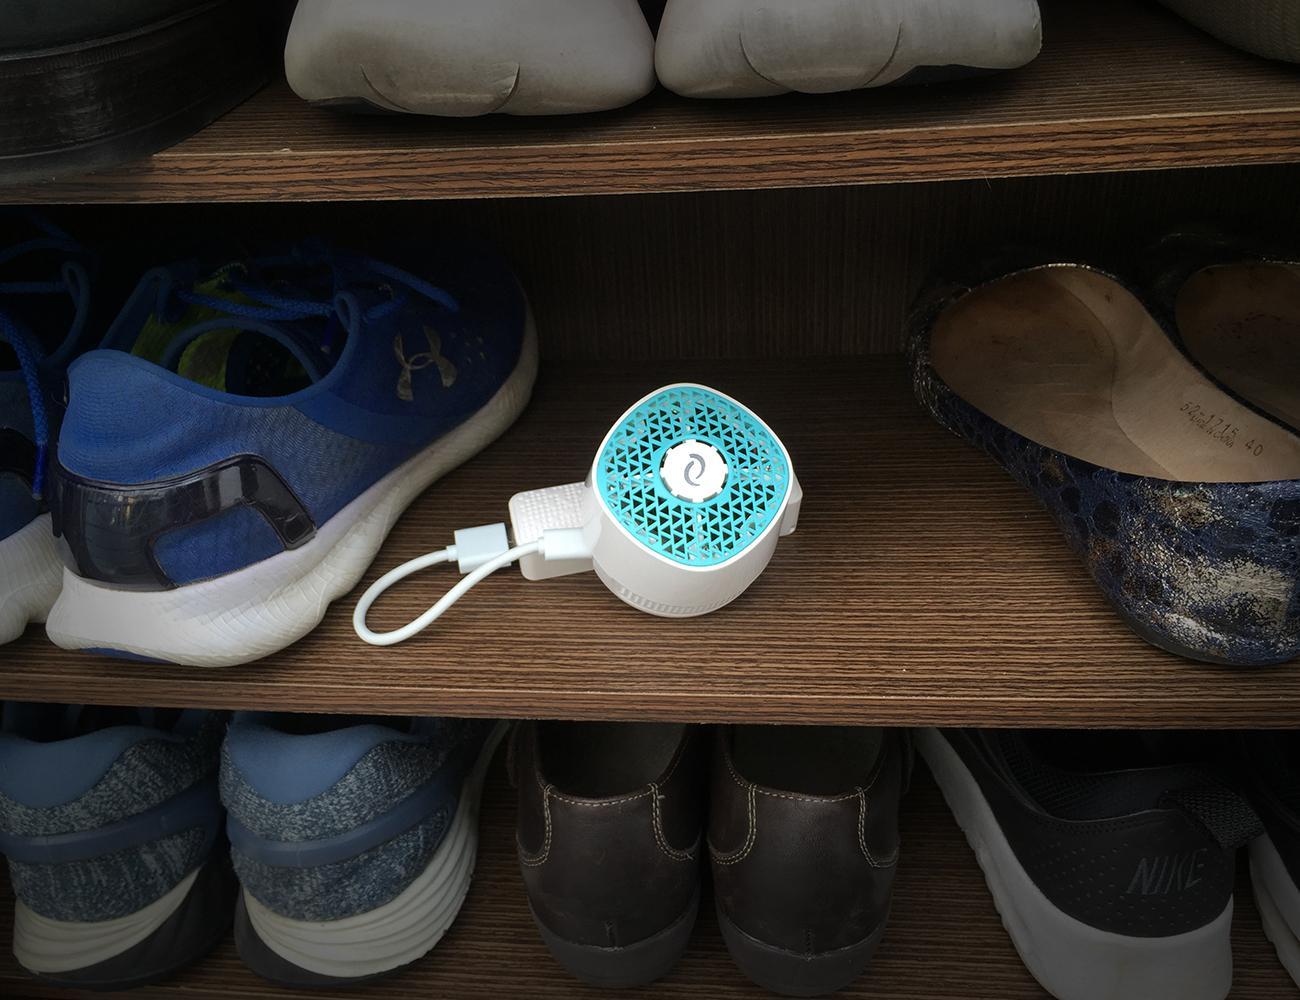 VentiFresh – Odor Eliminator Inspired by NASA